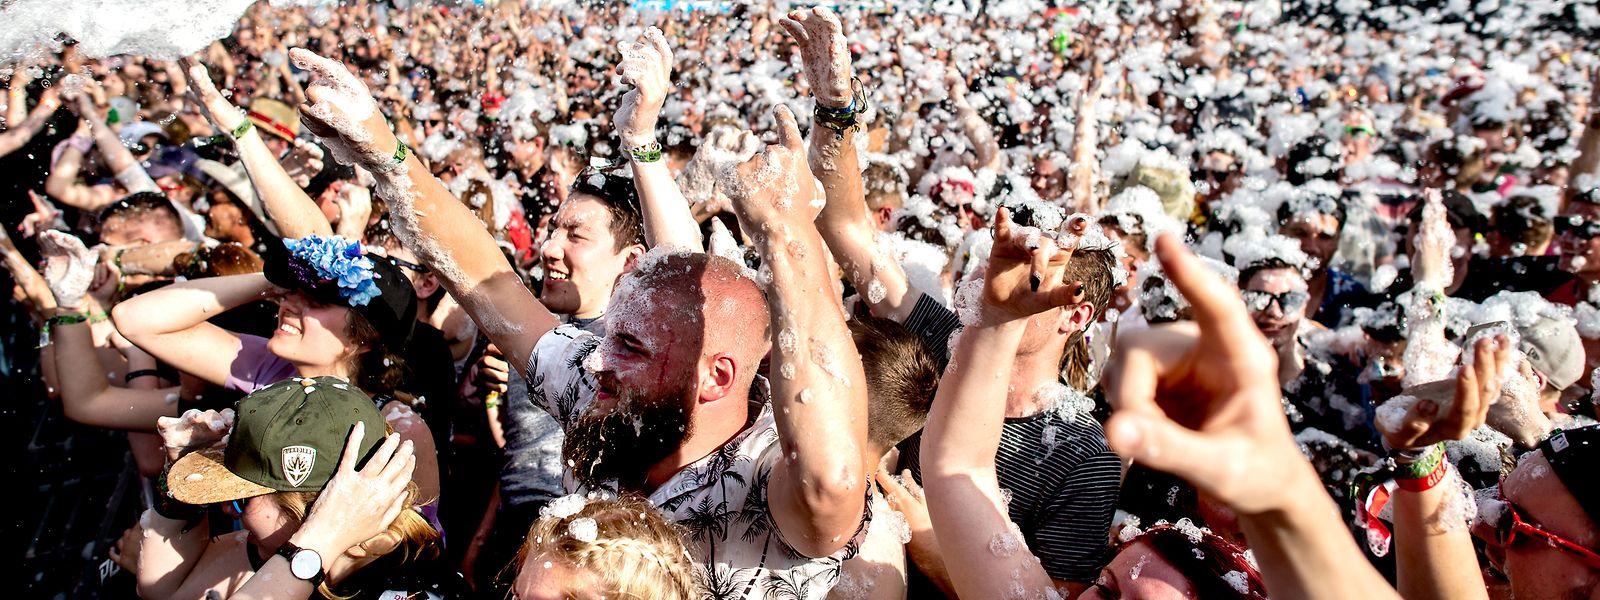 Bilder wie dieses wird es in diesem Jahr nicht geben: Festivalbesucher feiern auf dem Hurricane Festival im deutschen Scheeßel.